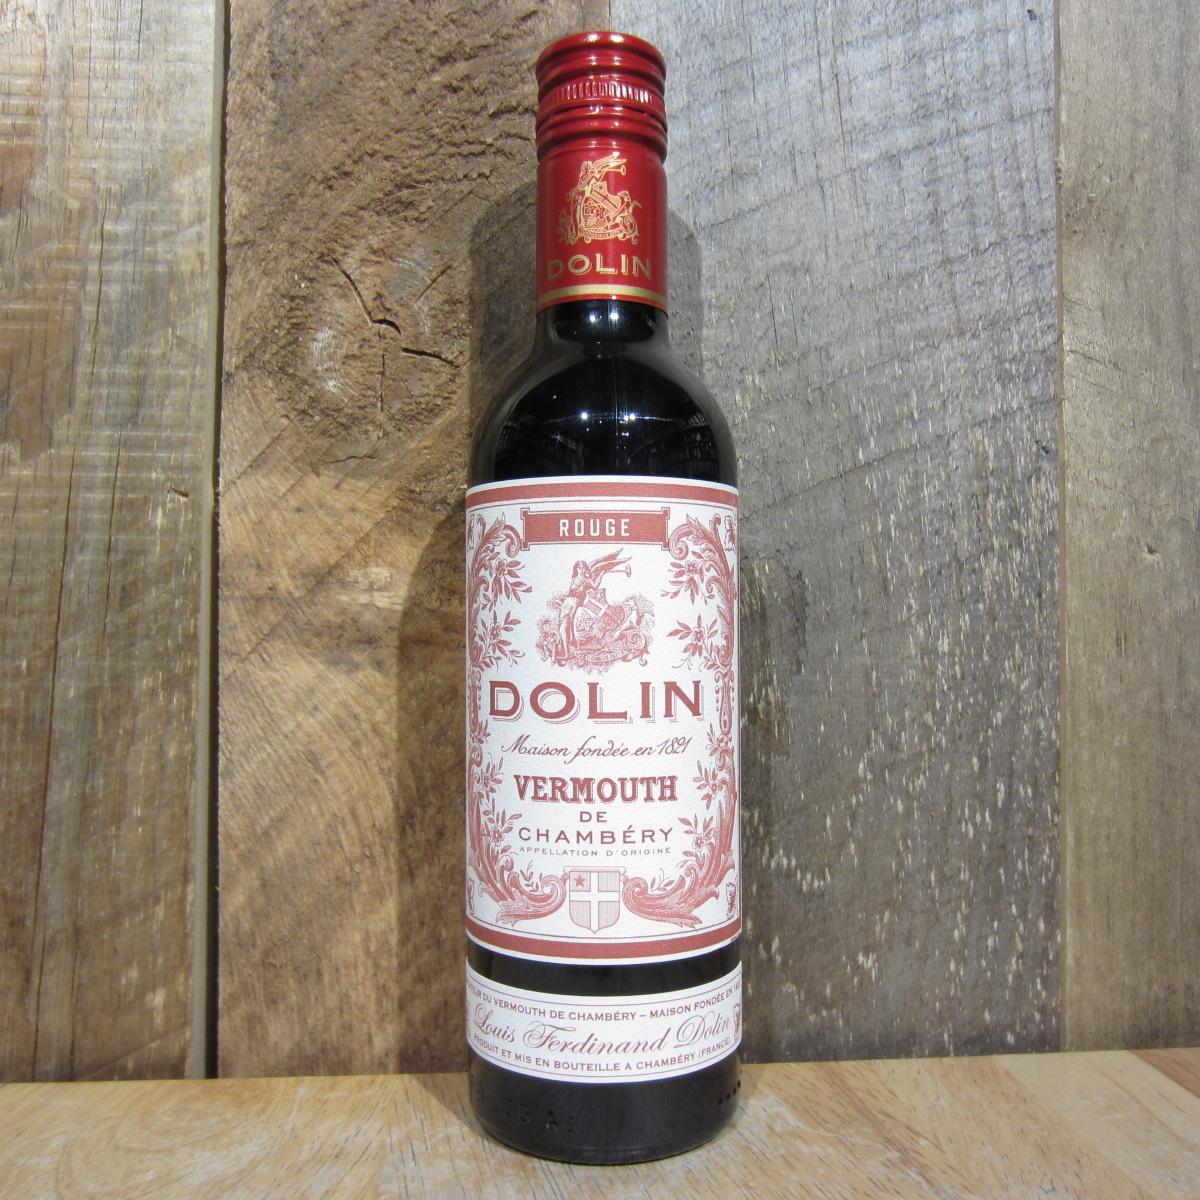 Dolin Rouge Vermouth 375ml (Half Size Btl)